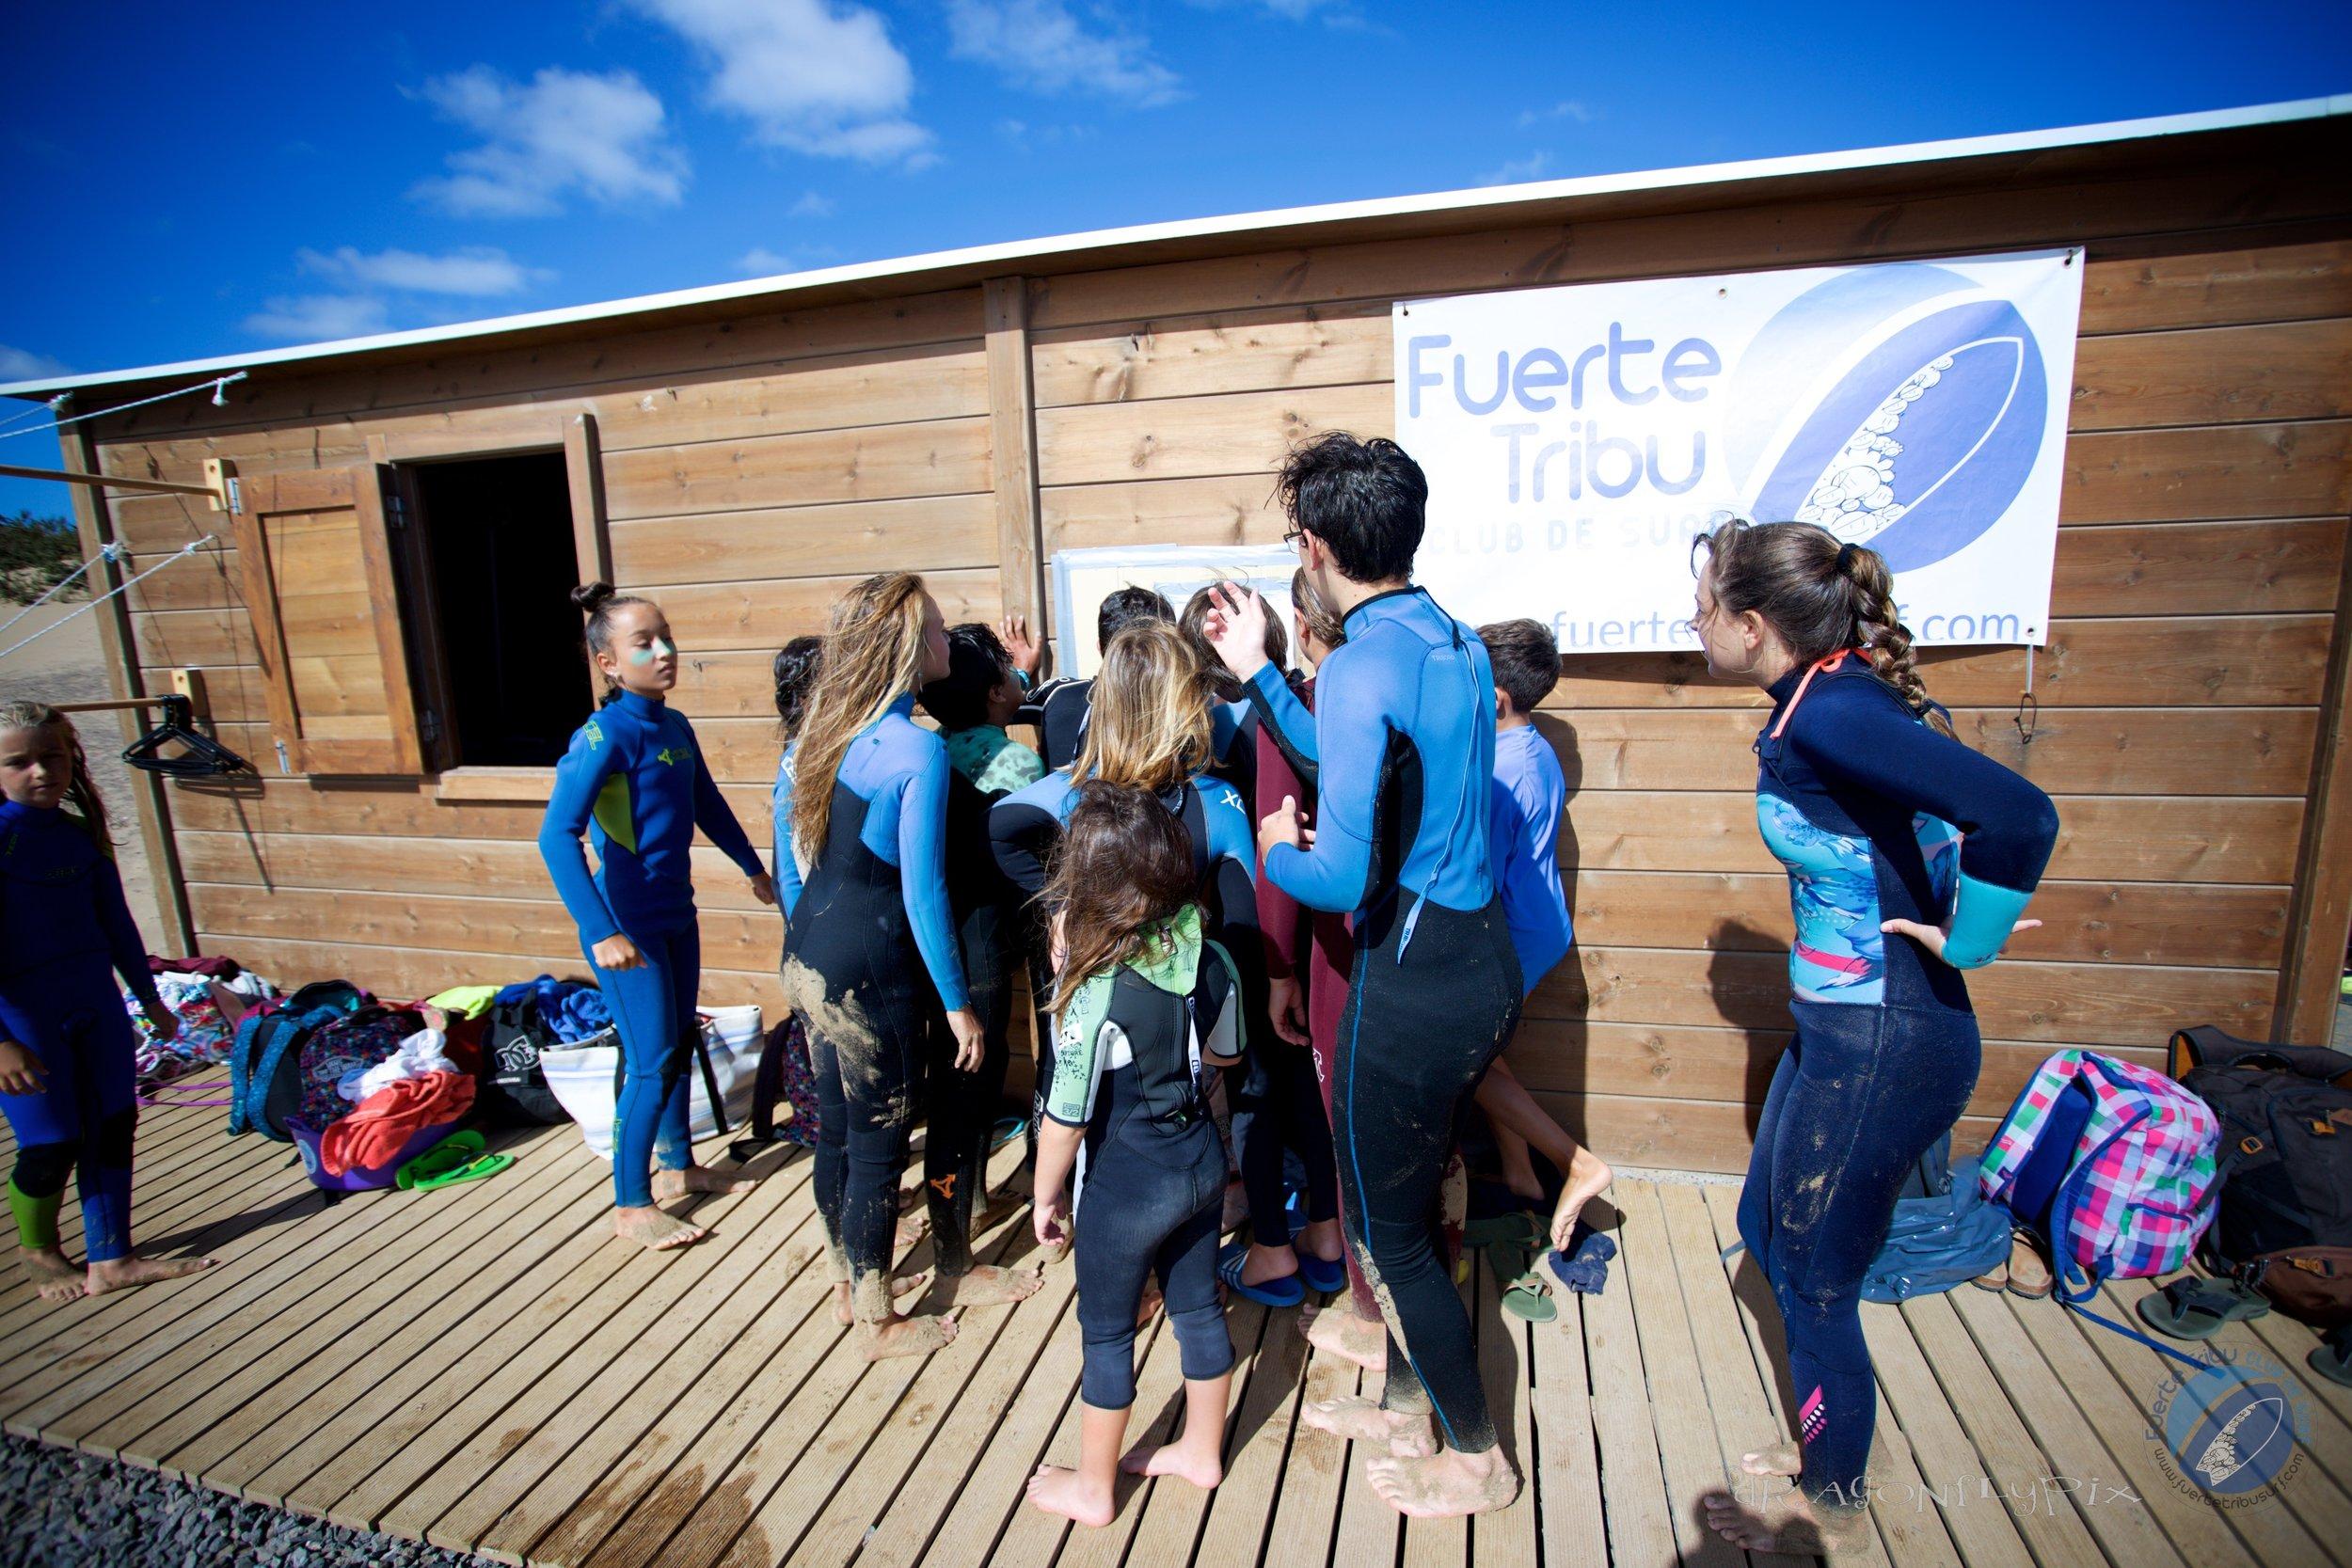 FUERTETRIBU_INTRACLUB_SURF_CAMPEONATO_KIDSIMG_0239.jpg